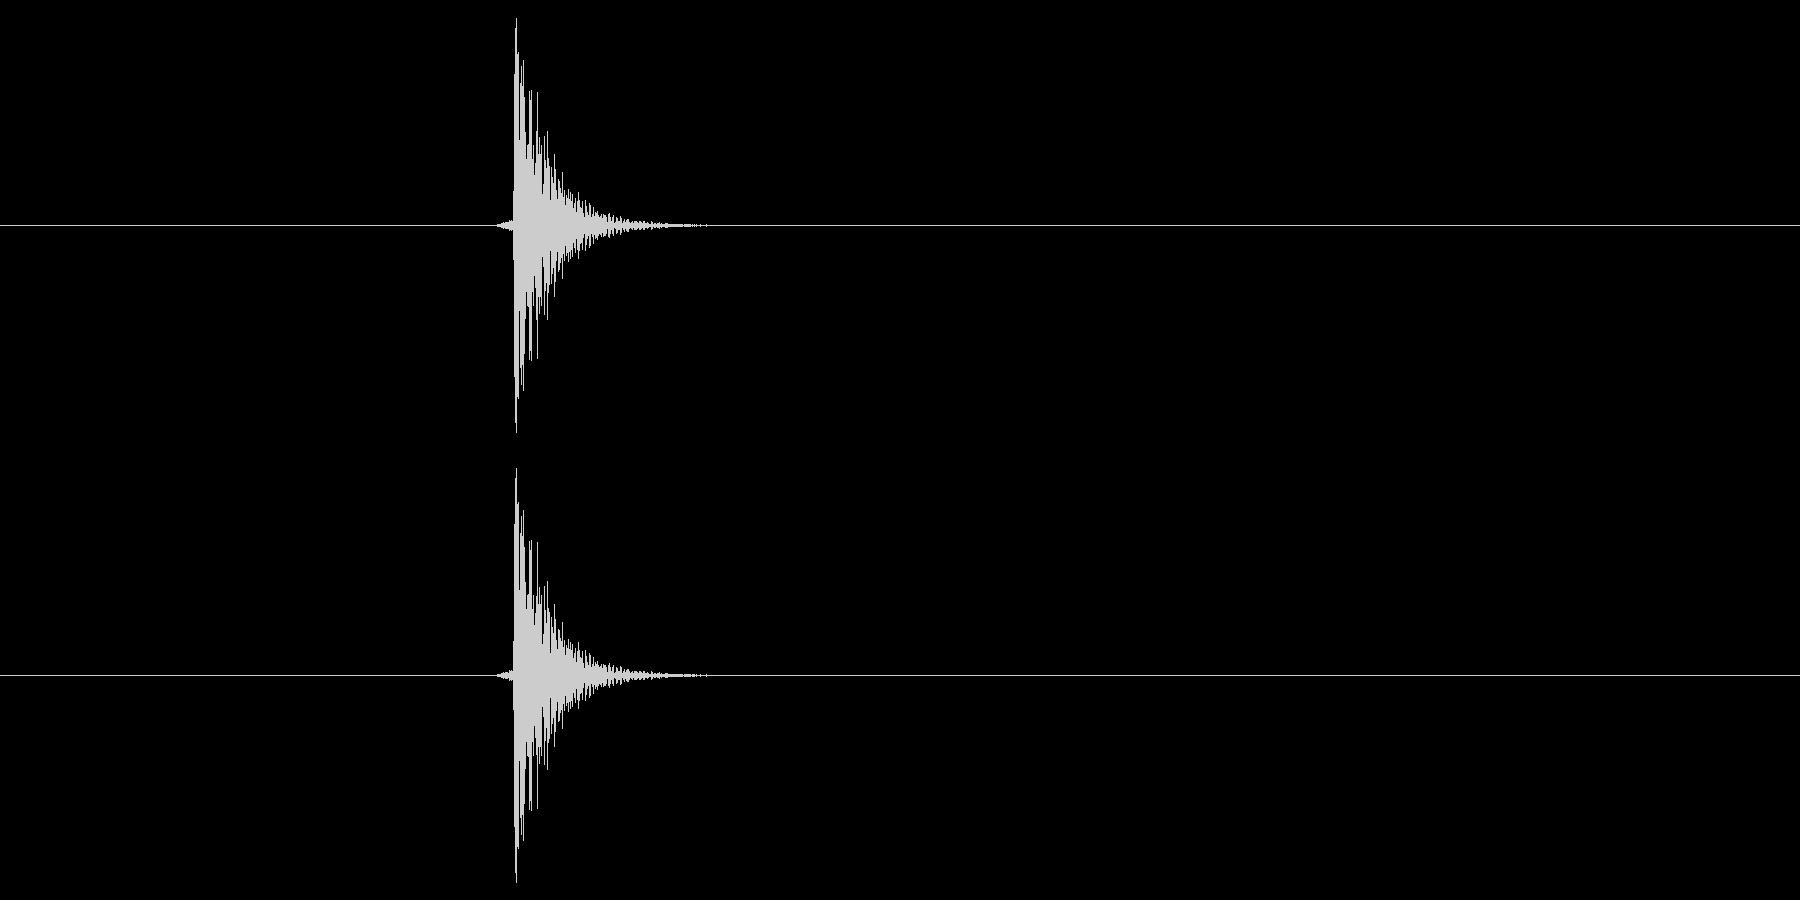 「タンッ」キャンセルや戻る時に使えるボ…の未再生の波形